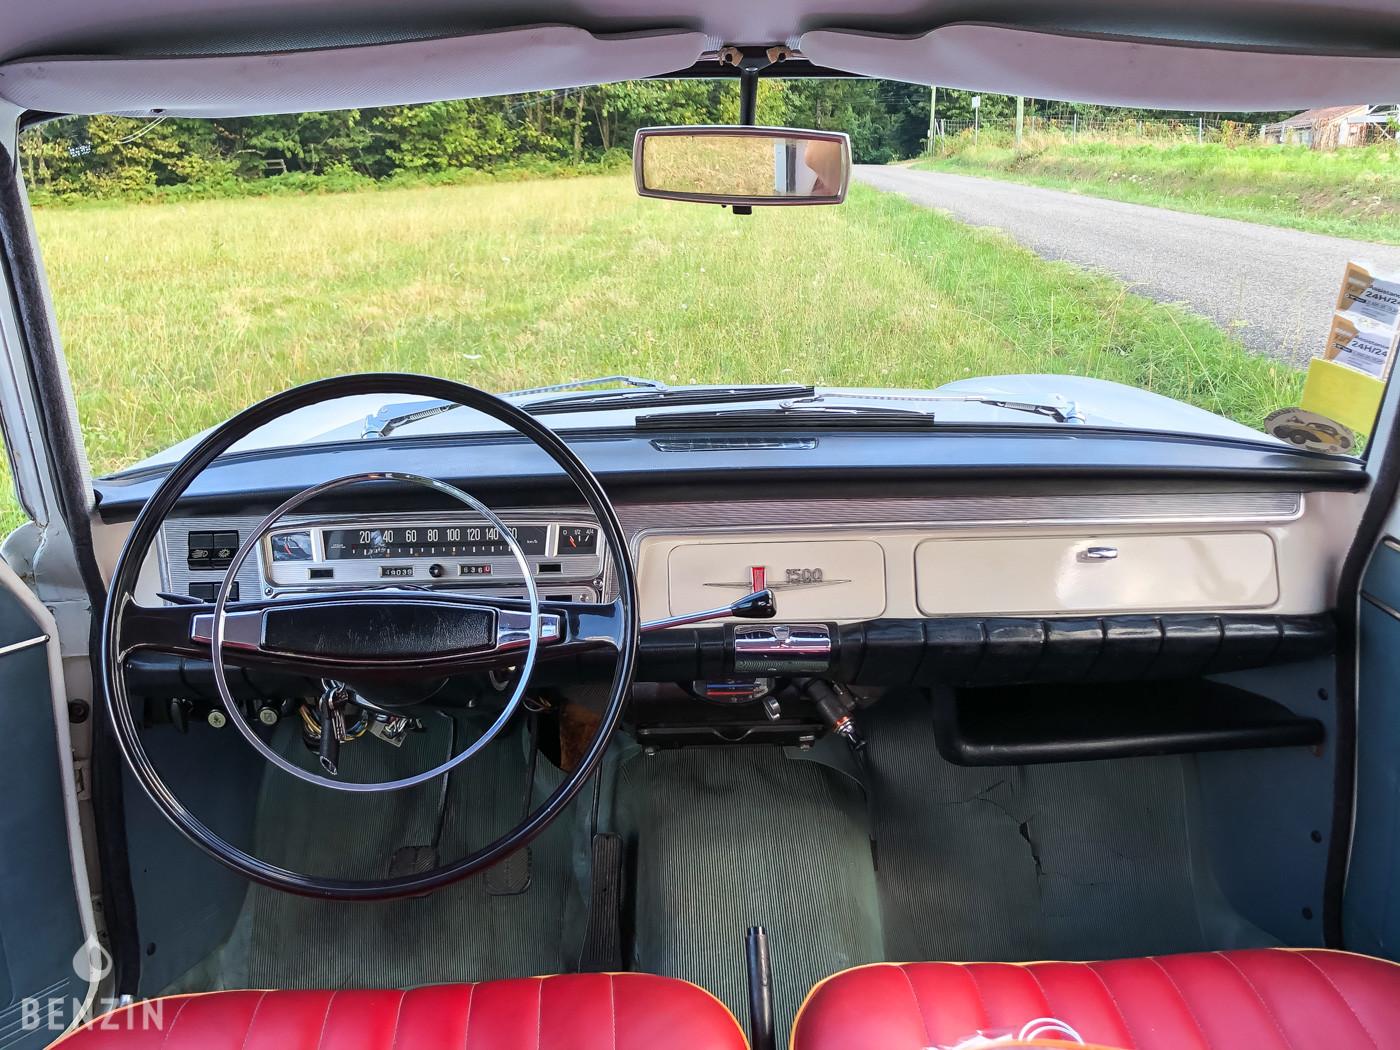 FIAT 1500 OCCASION A VENDRE - 1966